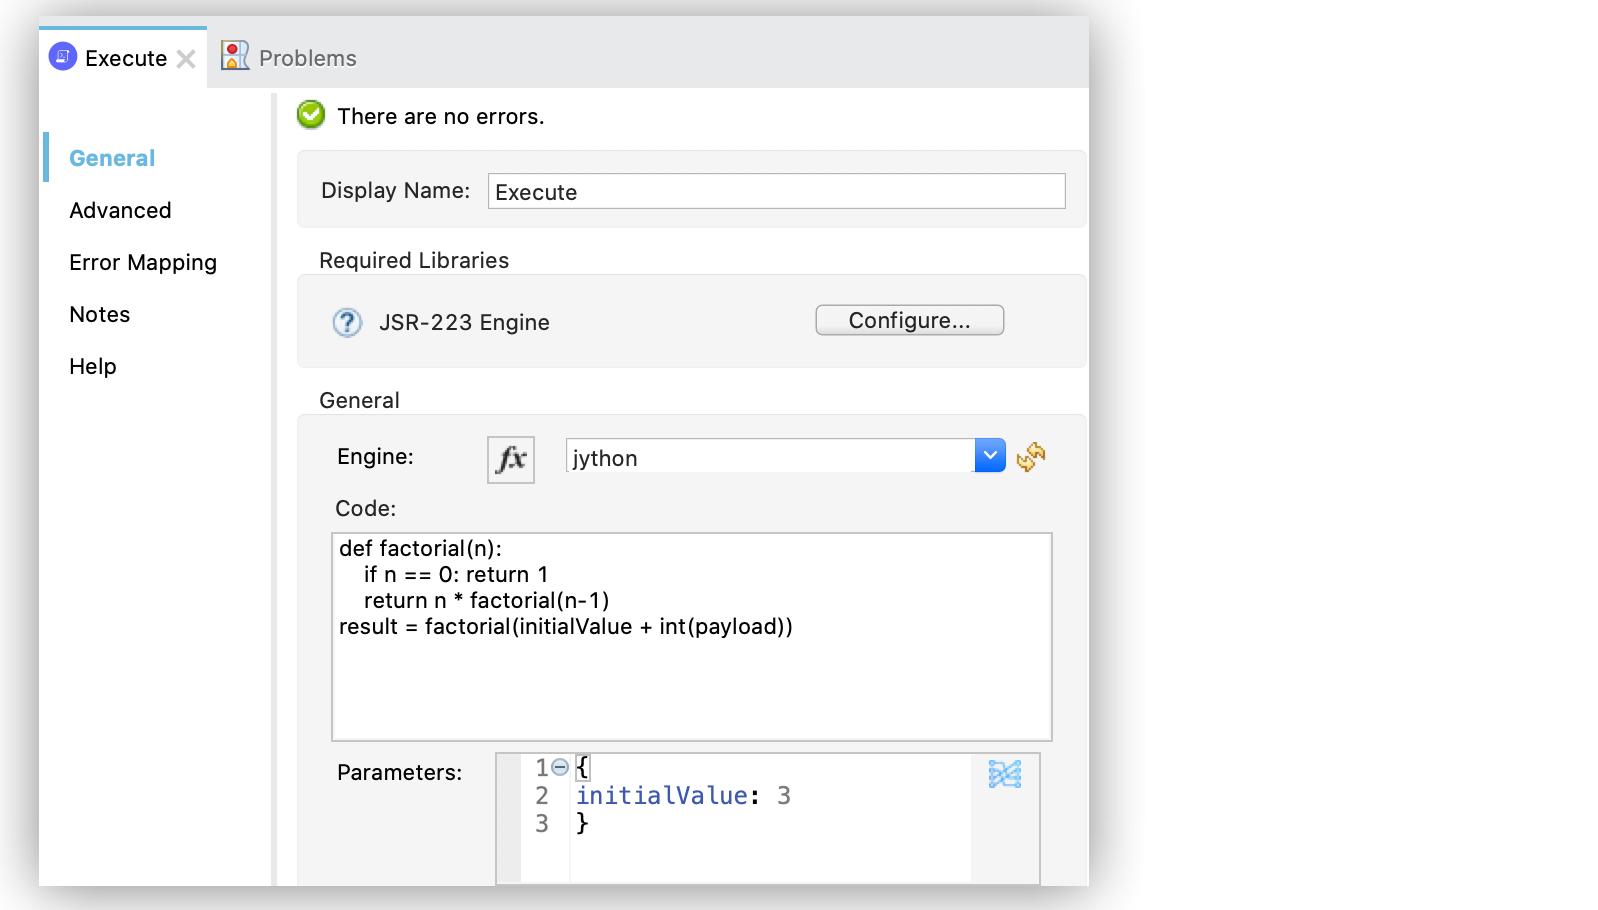 Script using parameters